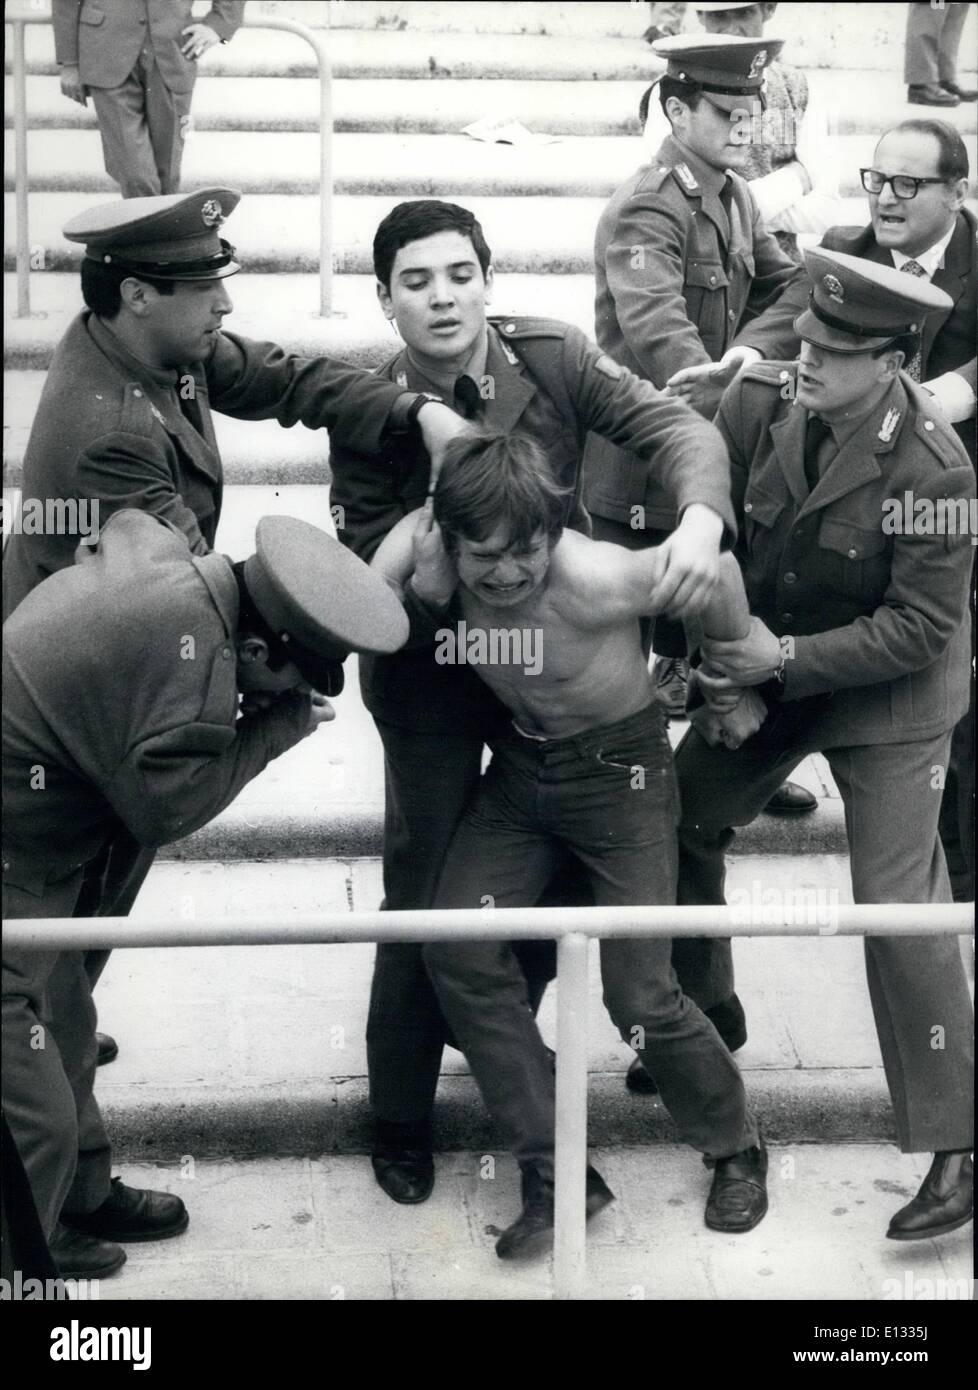 Le 26 février 2012 - un supporter de l'équipe de football de Bari, qui a perdu 3-0, le match à Rome contre la Lazio, a été réduit à l'obéissance par quatre policiers, l'un d'entre eux bits la main du malheureux défenseur. Photo Stock